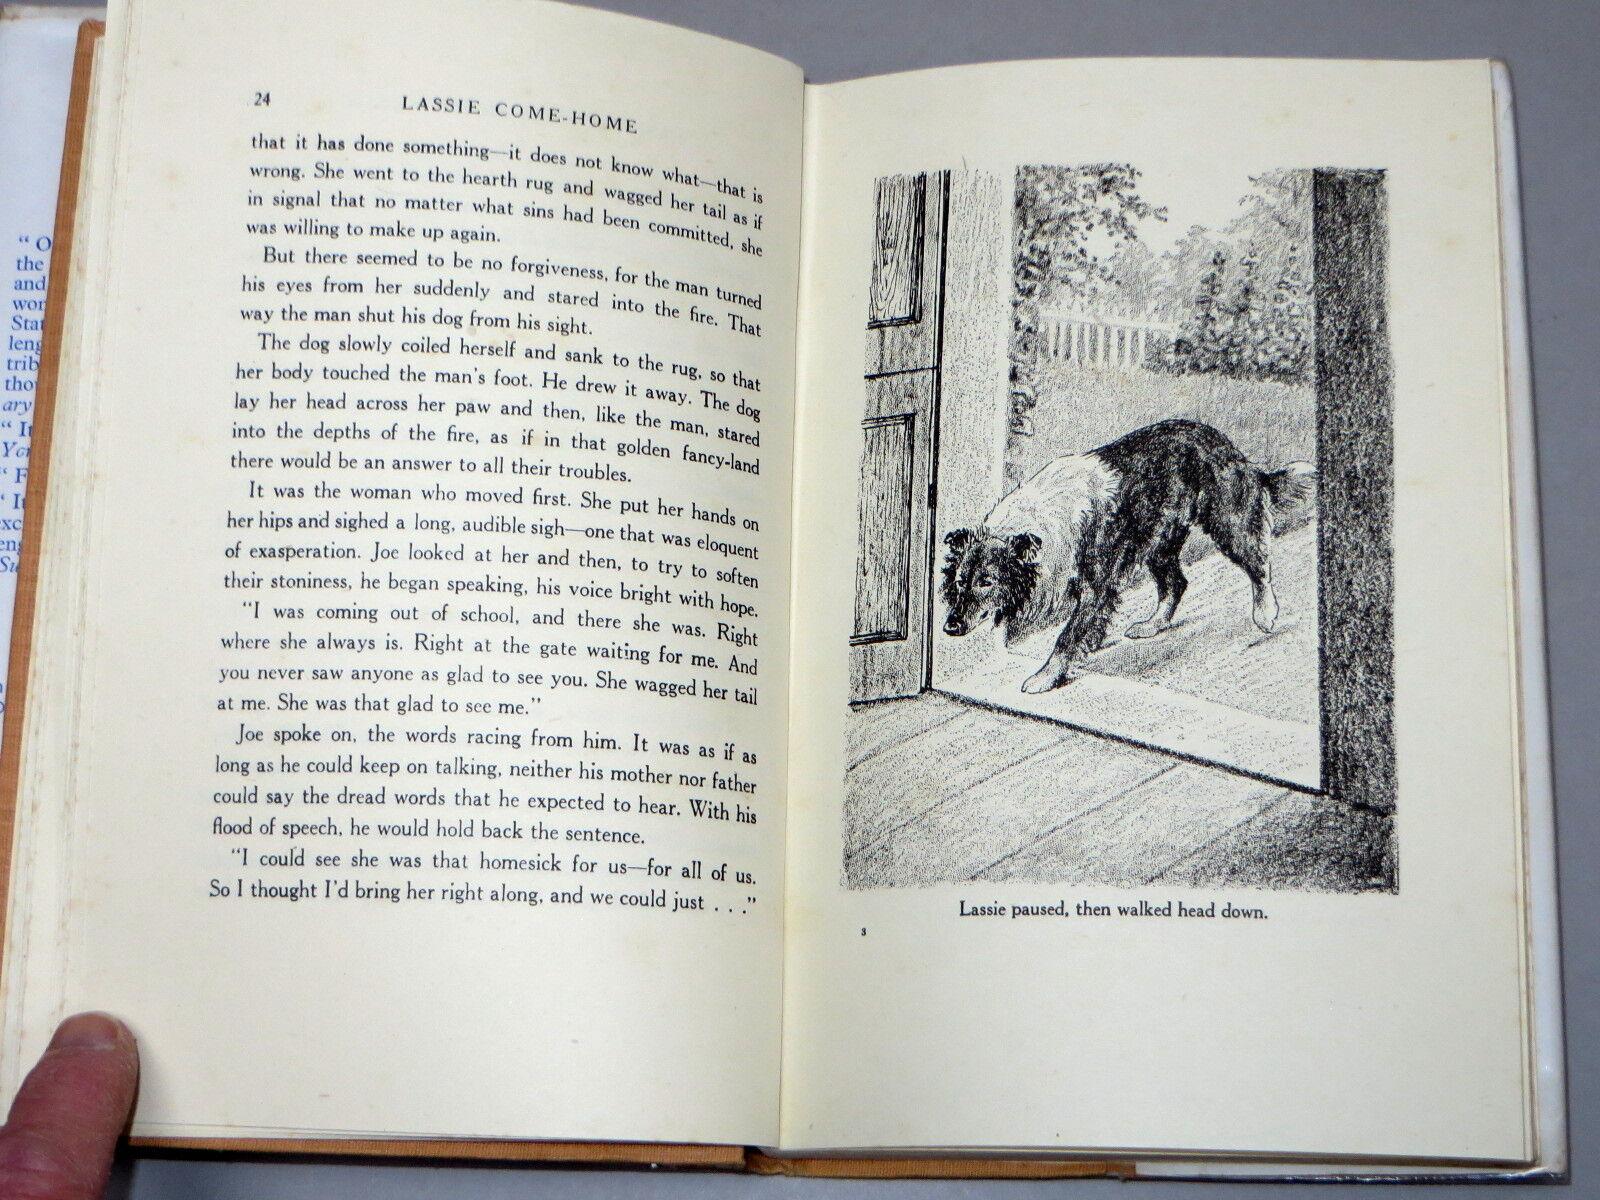 Lassie Come Home Eric Knight (1942) mit DJ illustriert von Marguerite Kirmse